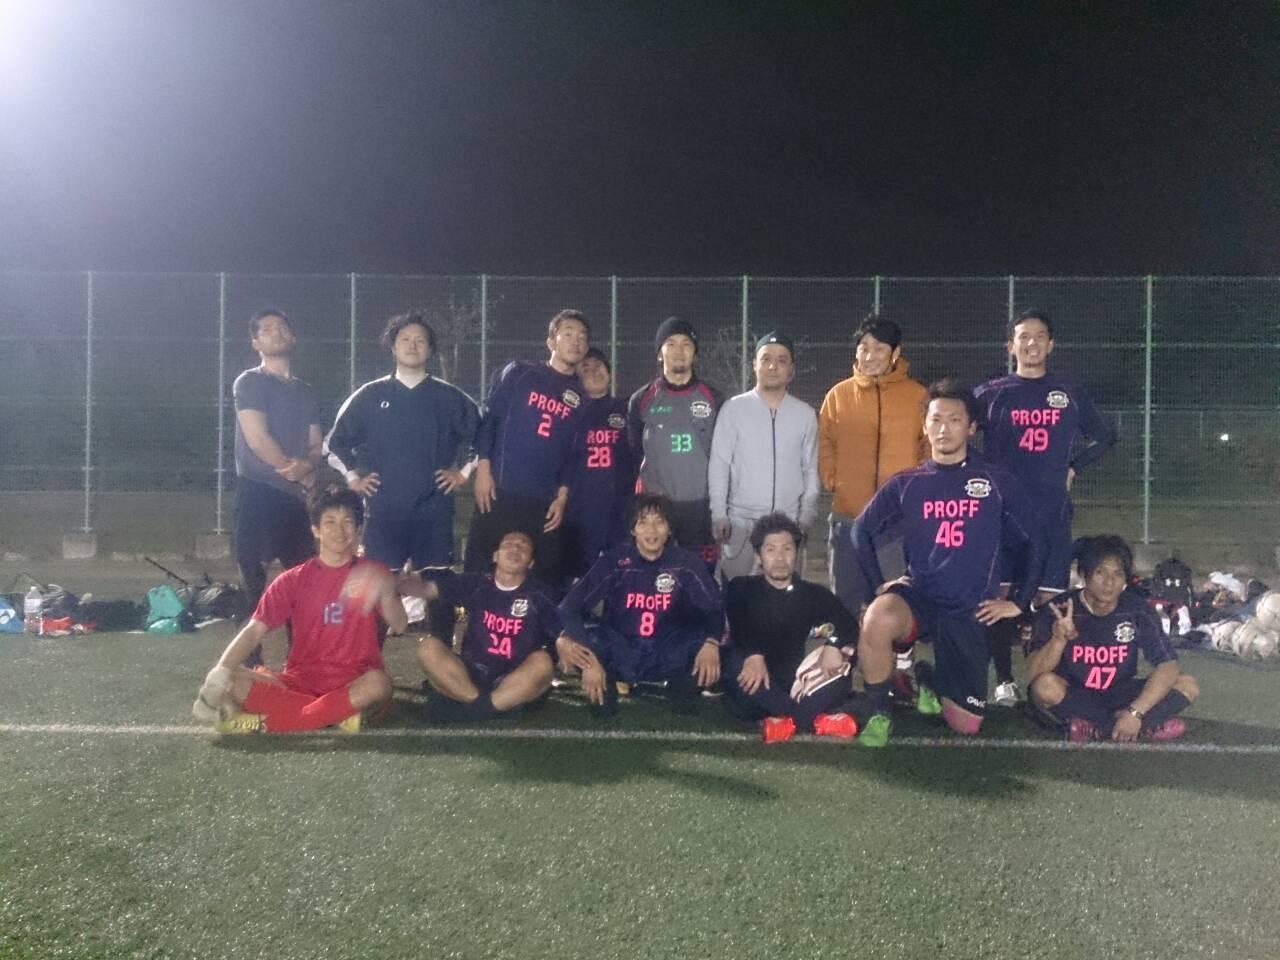 2015/4/19 服部緑地人工芝サッカー場 vs ルート11 vs SOGNO FC vs F.C.Lazo